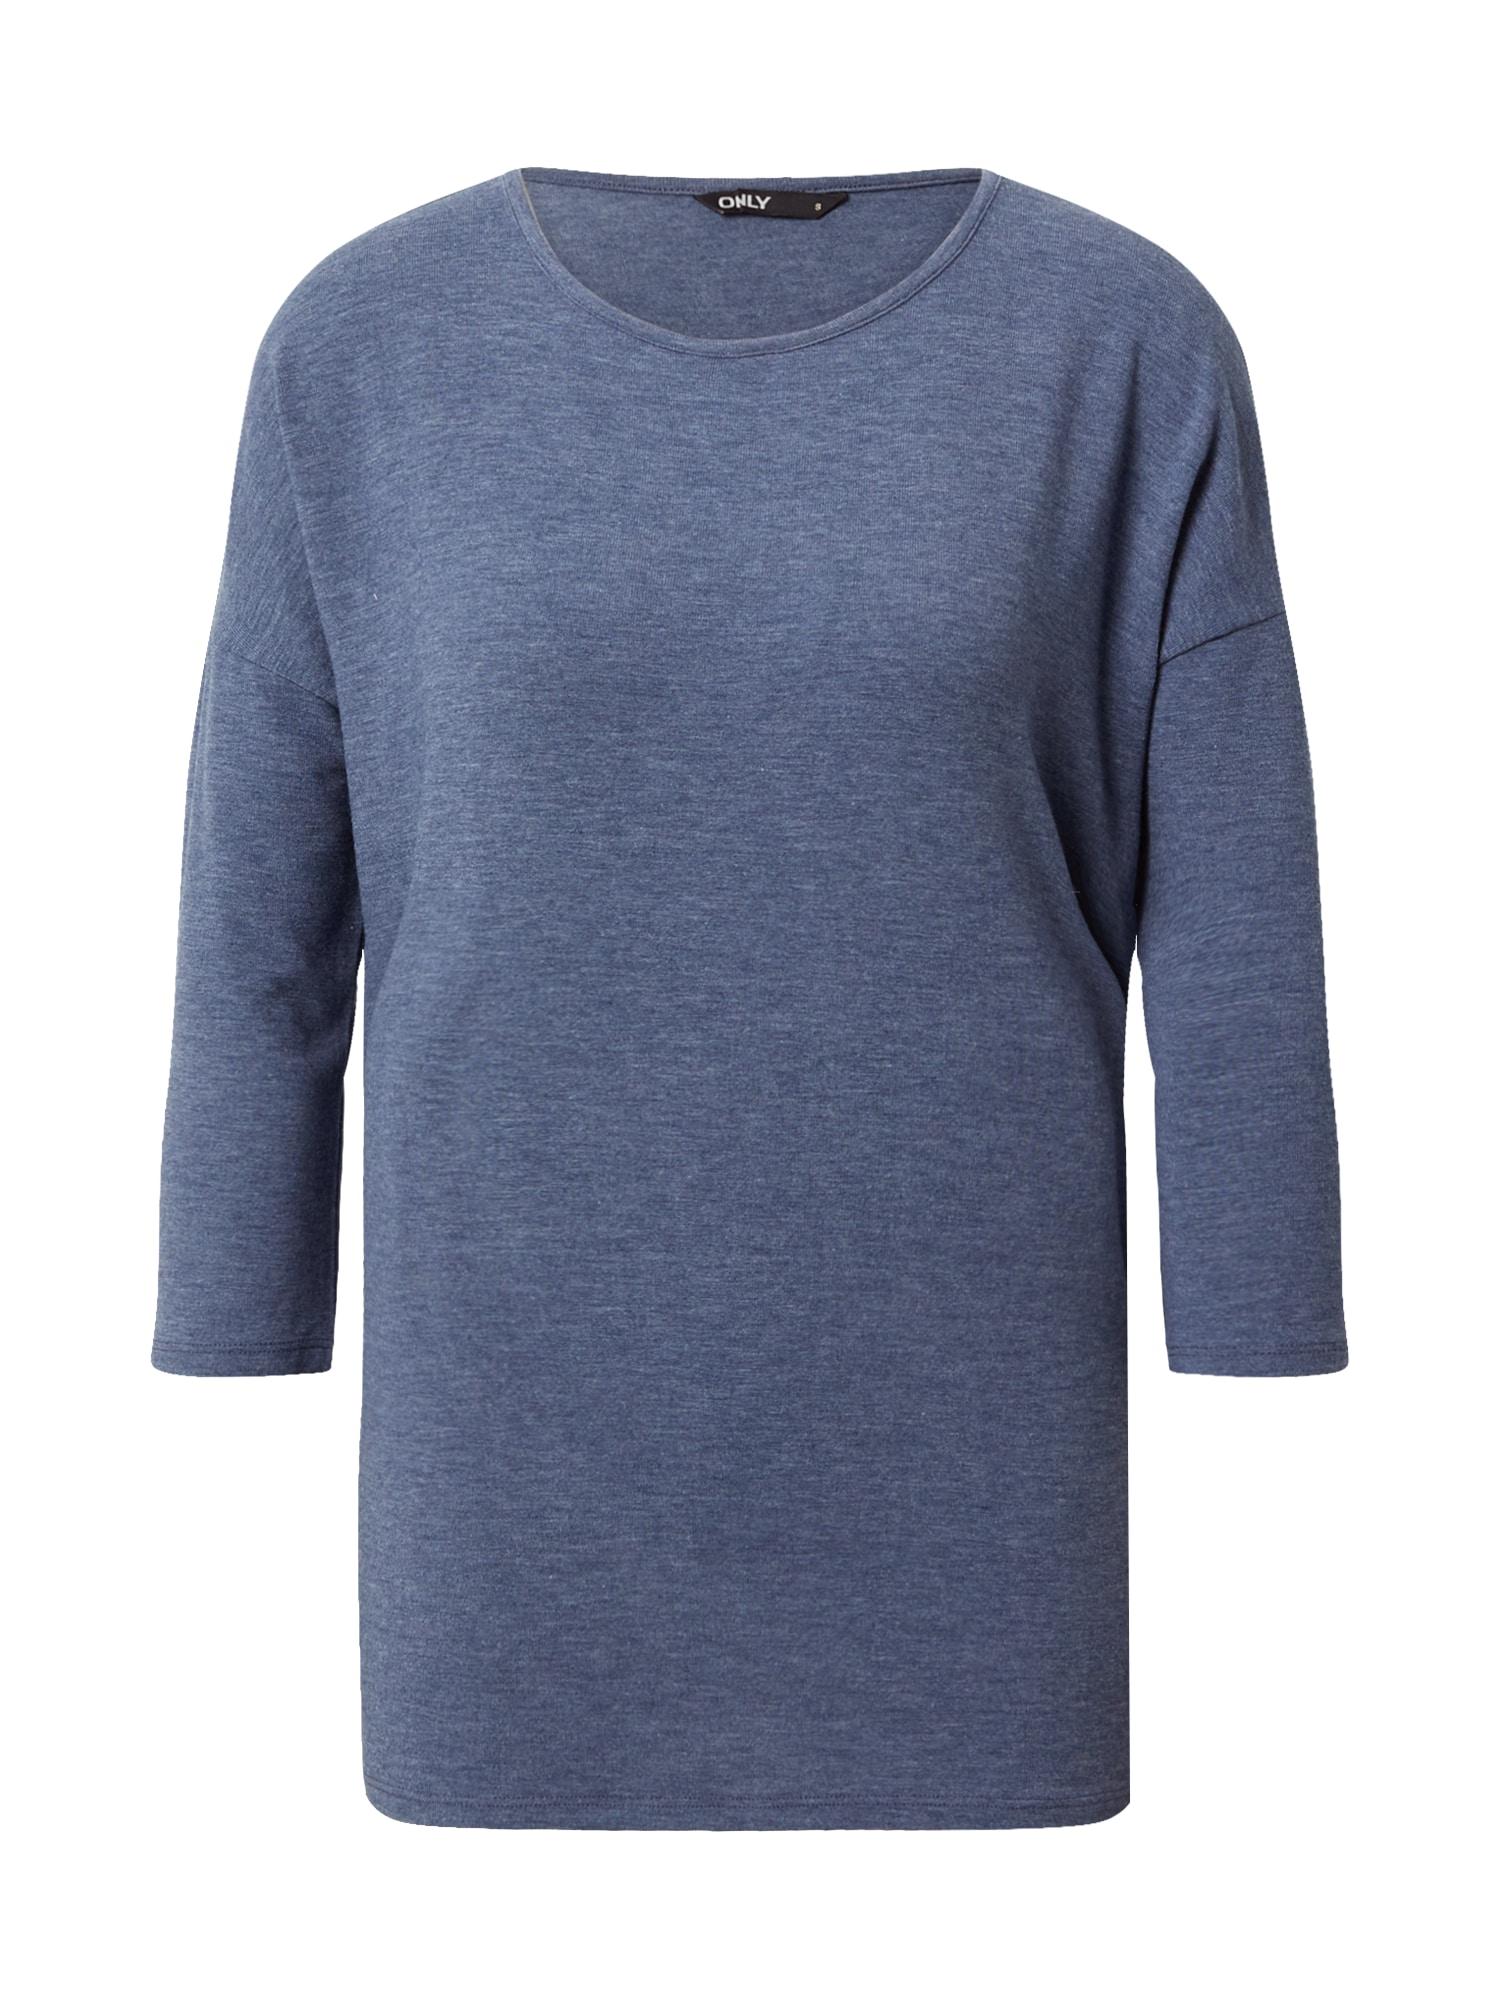 ONLY Tričko 'Glamour'  indigo